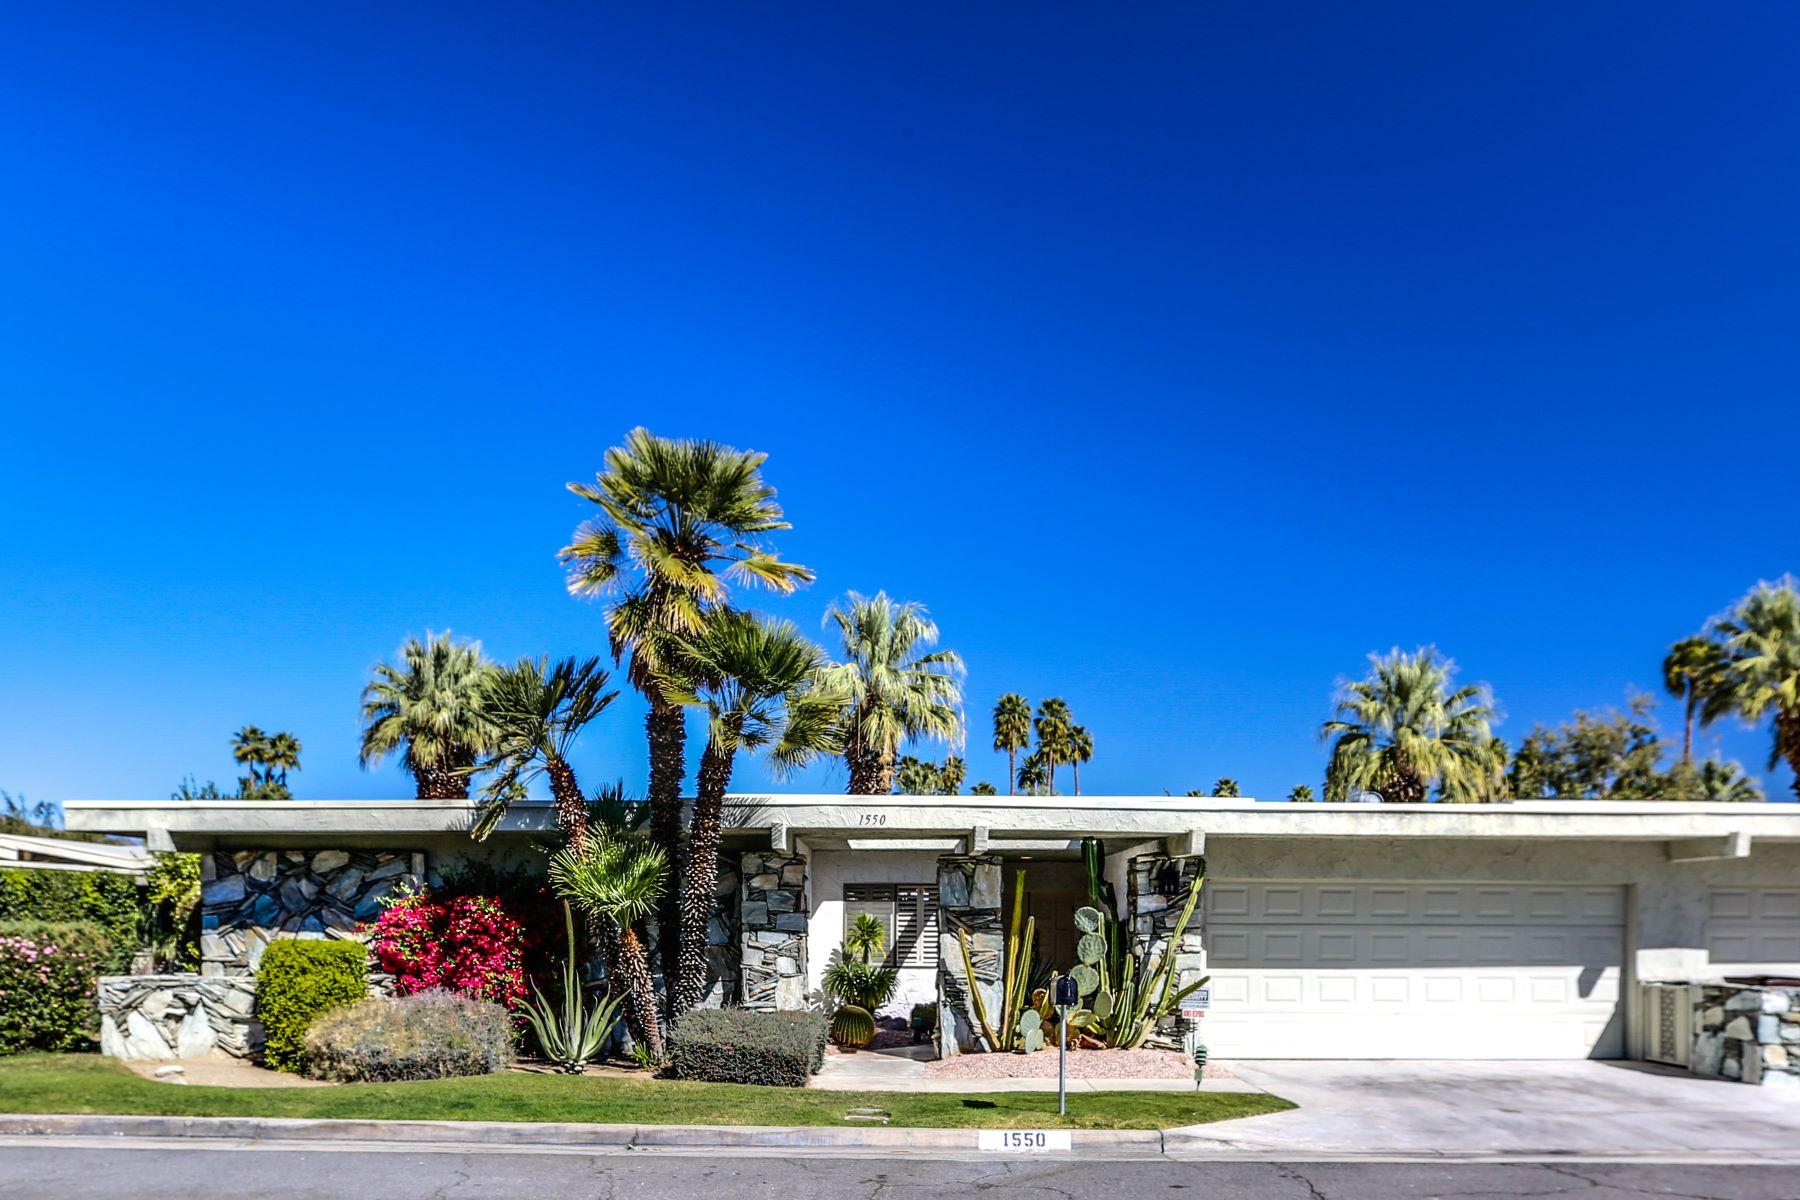 Eigentumswohnung für Verkauf beim 1550 Paseo Vida Palm Springs, Kalifornien, 92264 Vereinigte Staaten